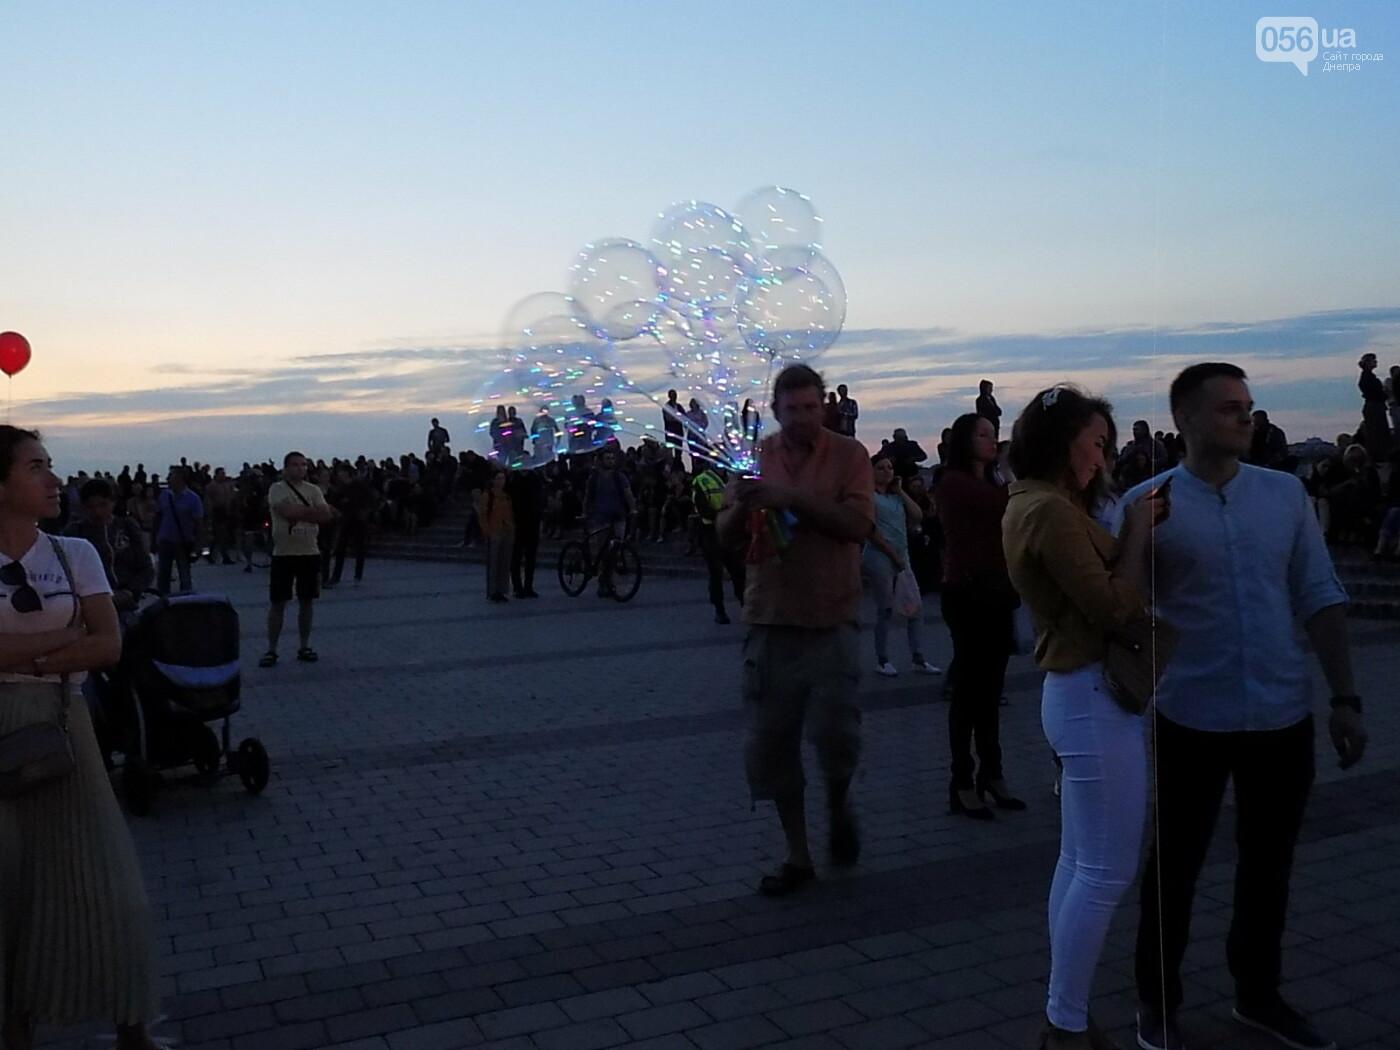 В Днепре прошел концерт группы Океан Эльзы: как это было, - ФОТО, фото-19